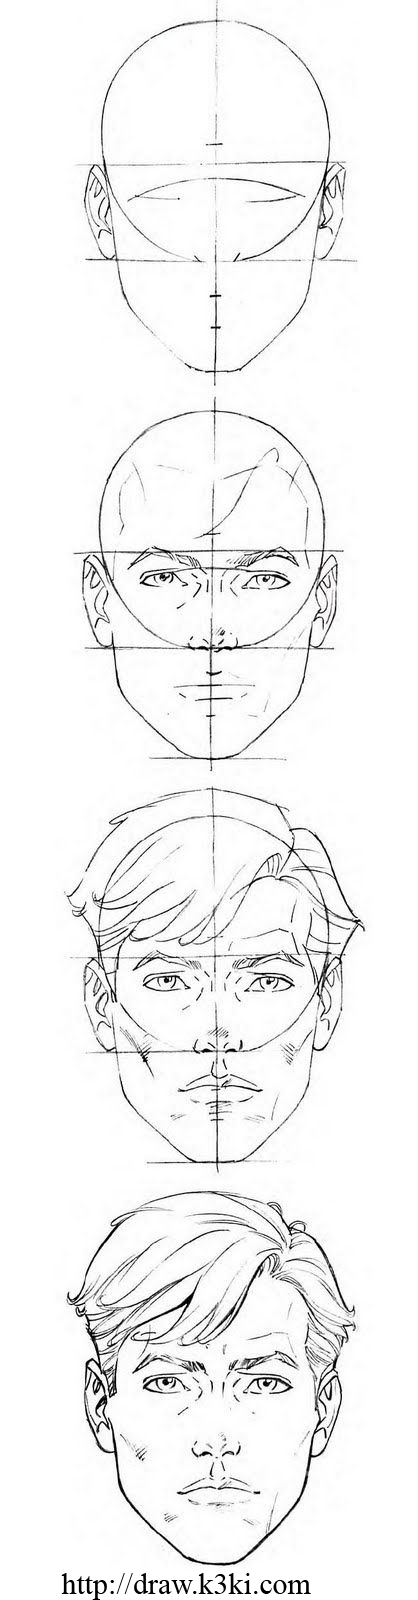 تعلم رسم وجه خطوة بخطوة